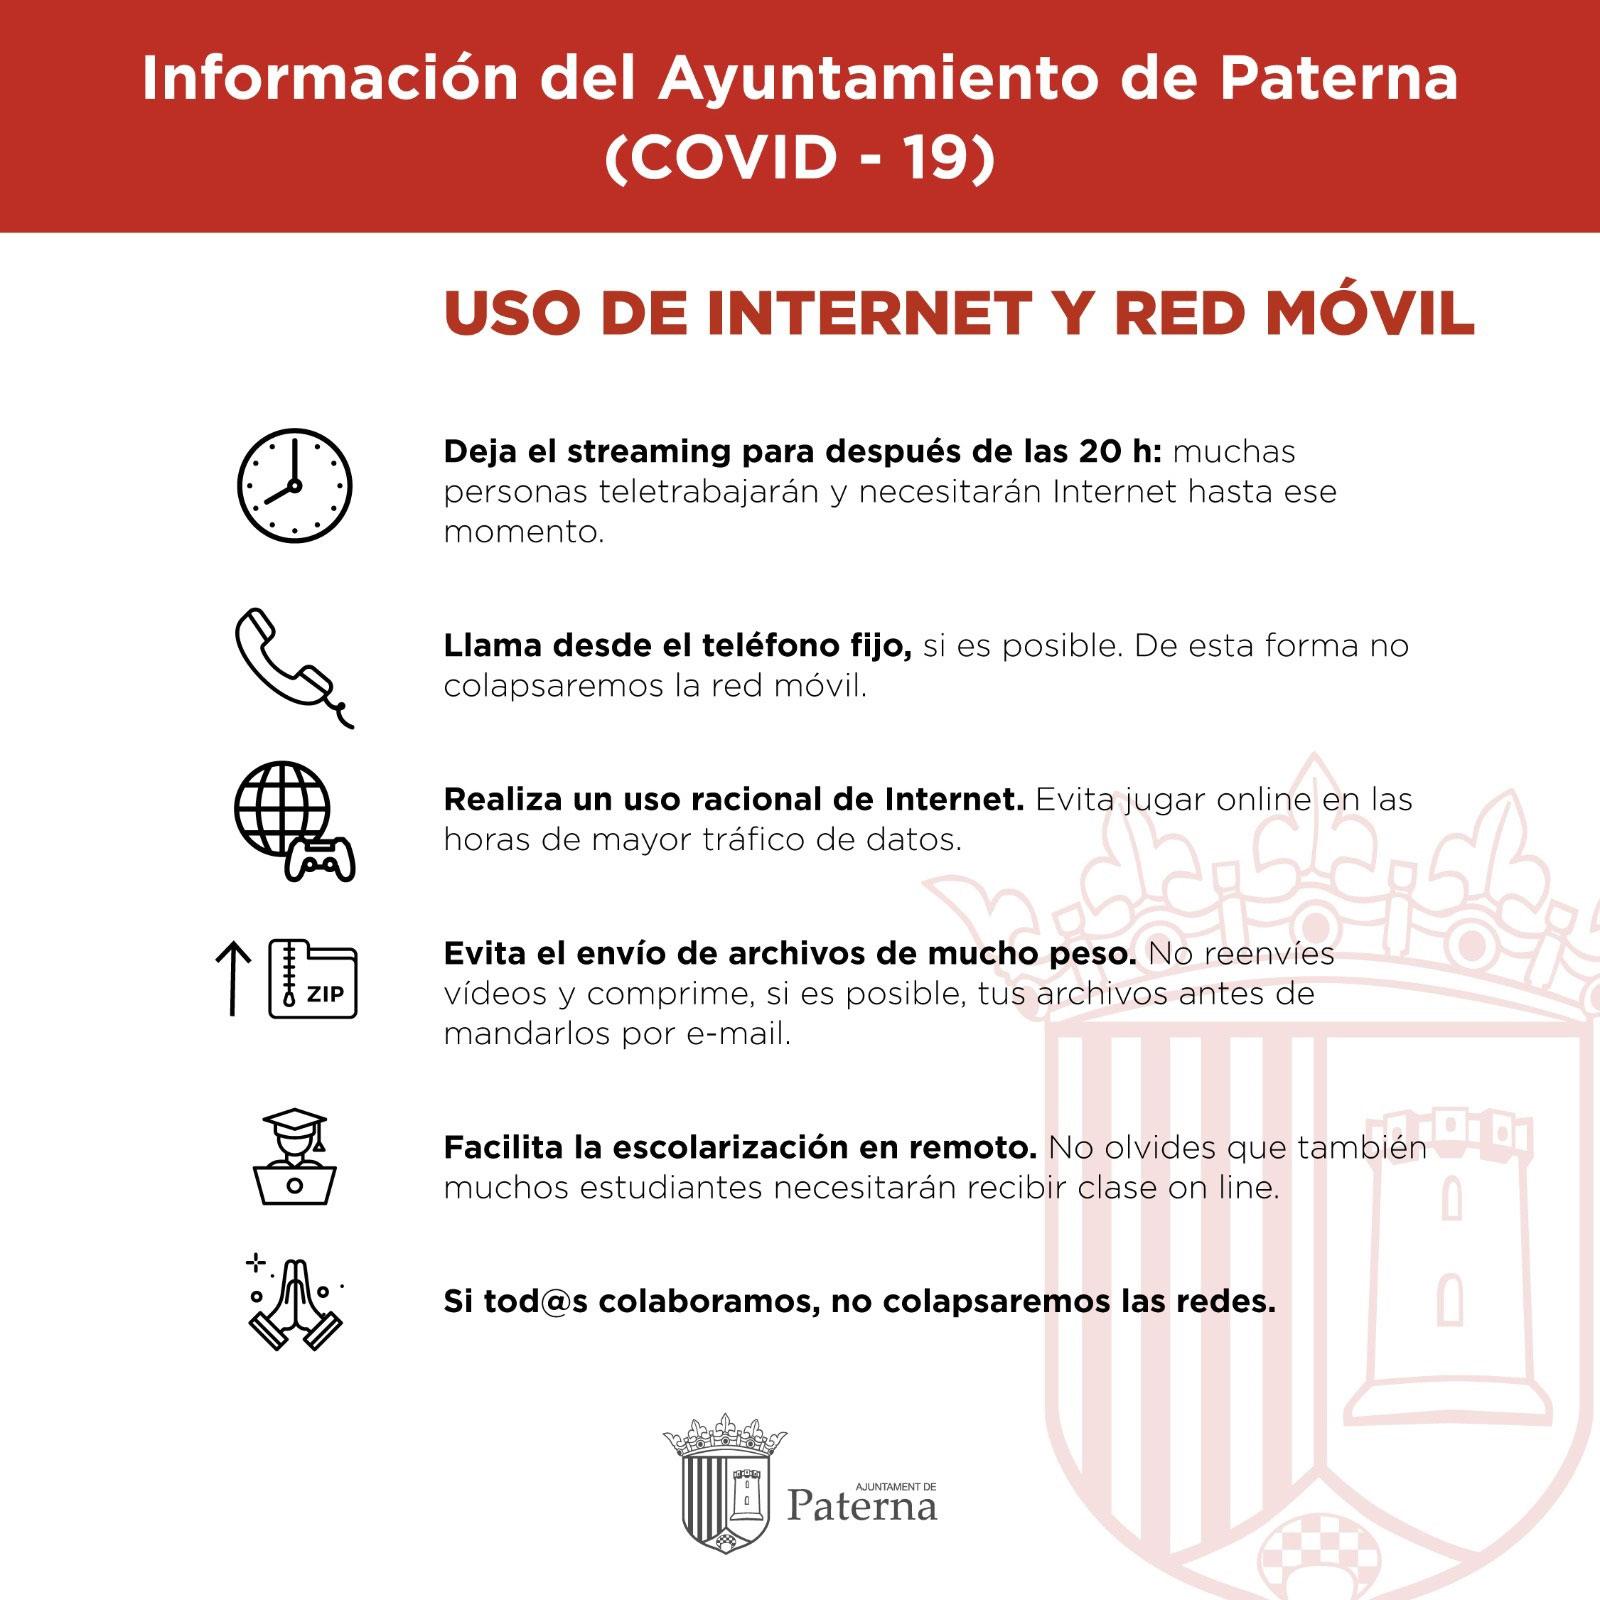 Información del Ayuntamiento de Paterna - Uso de internet y red móvil